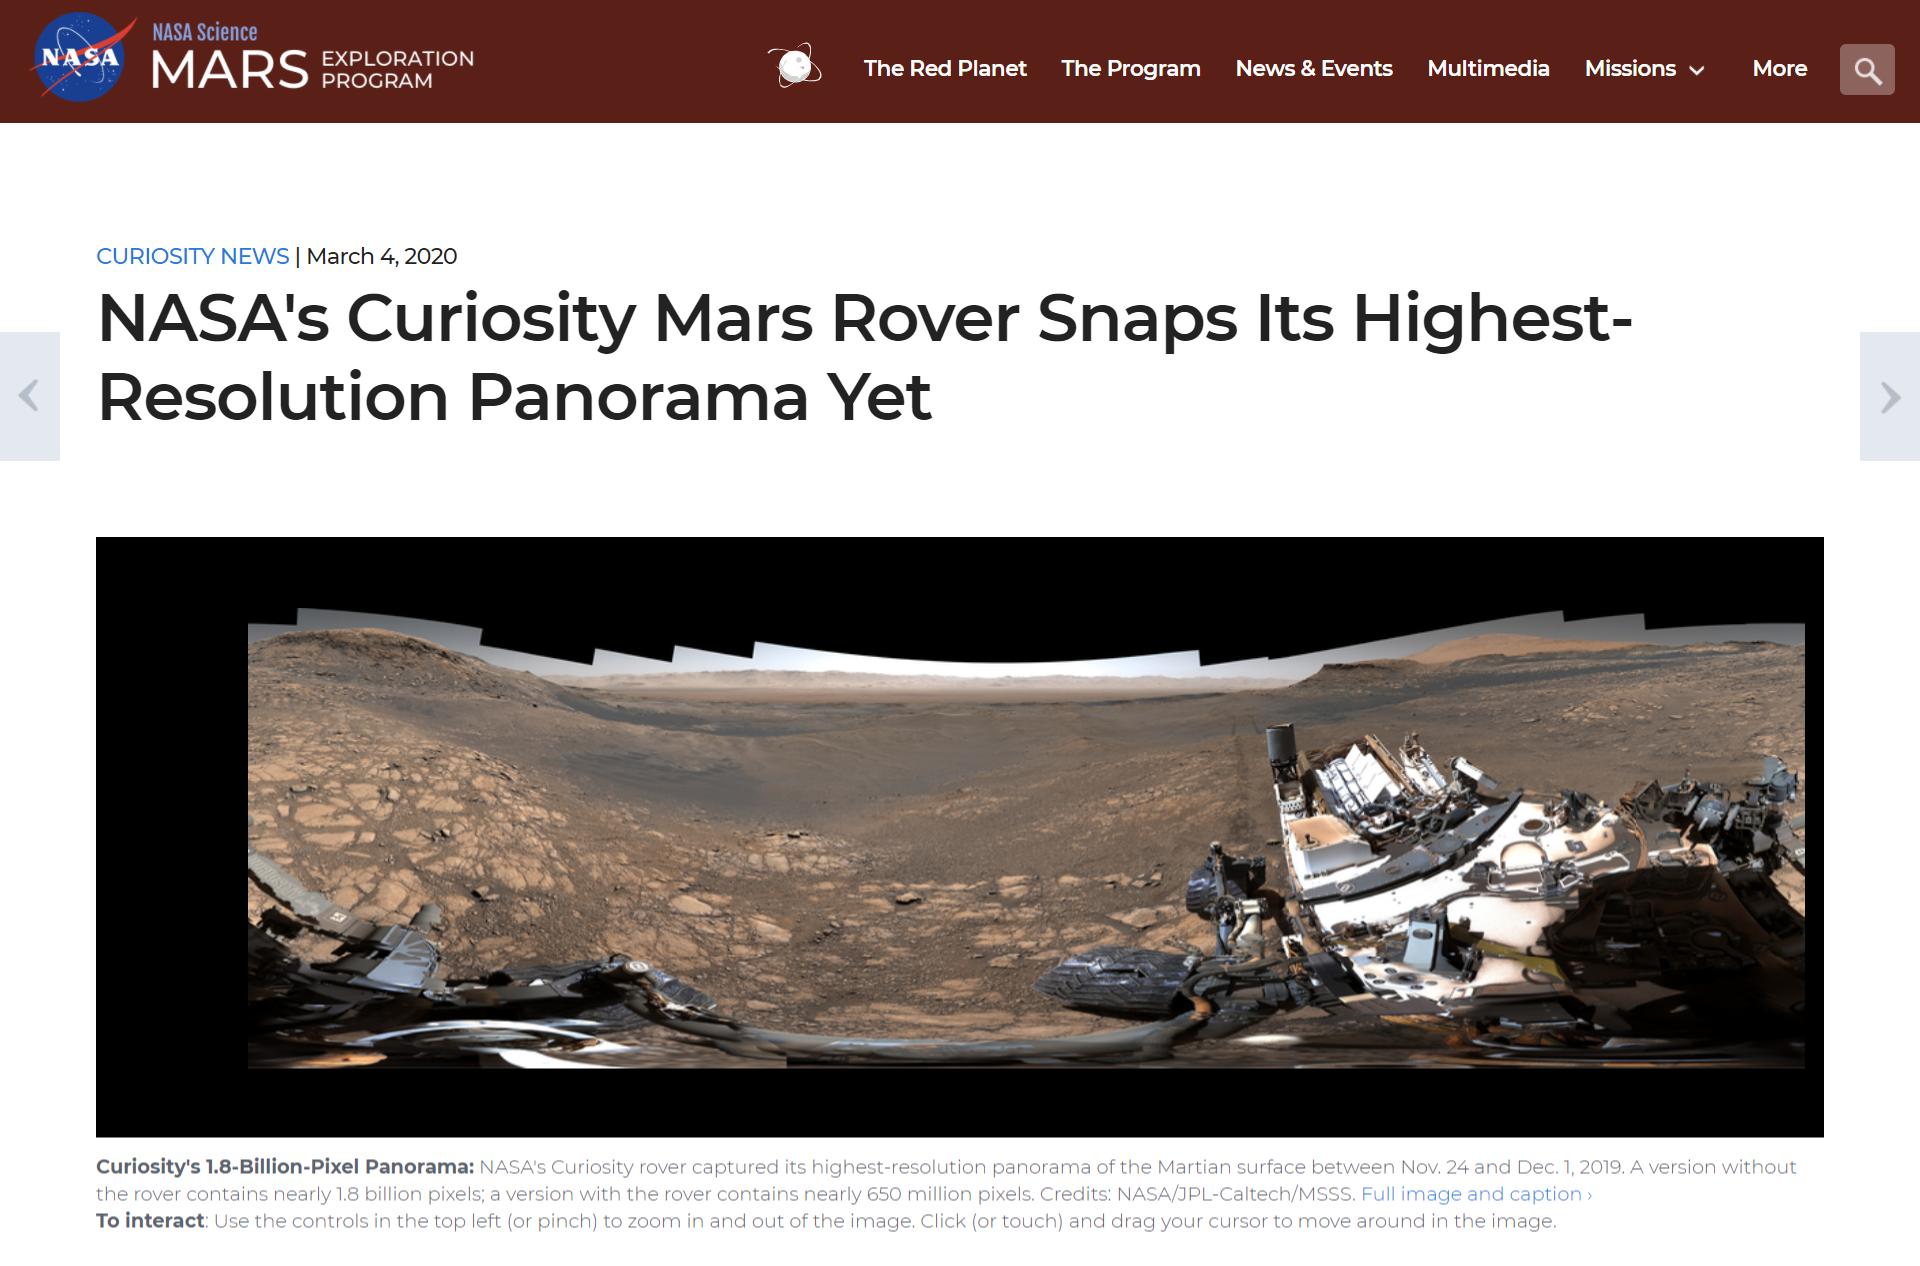 Panorama Marsa wykonana w 2019 roku przez łazik Curiosity